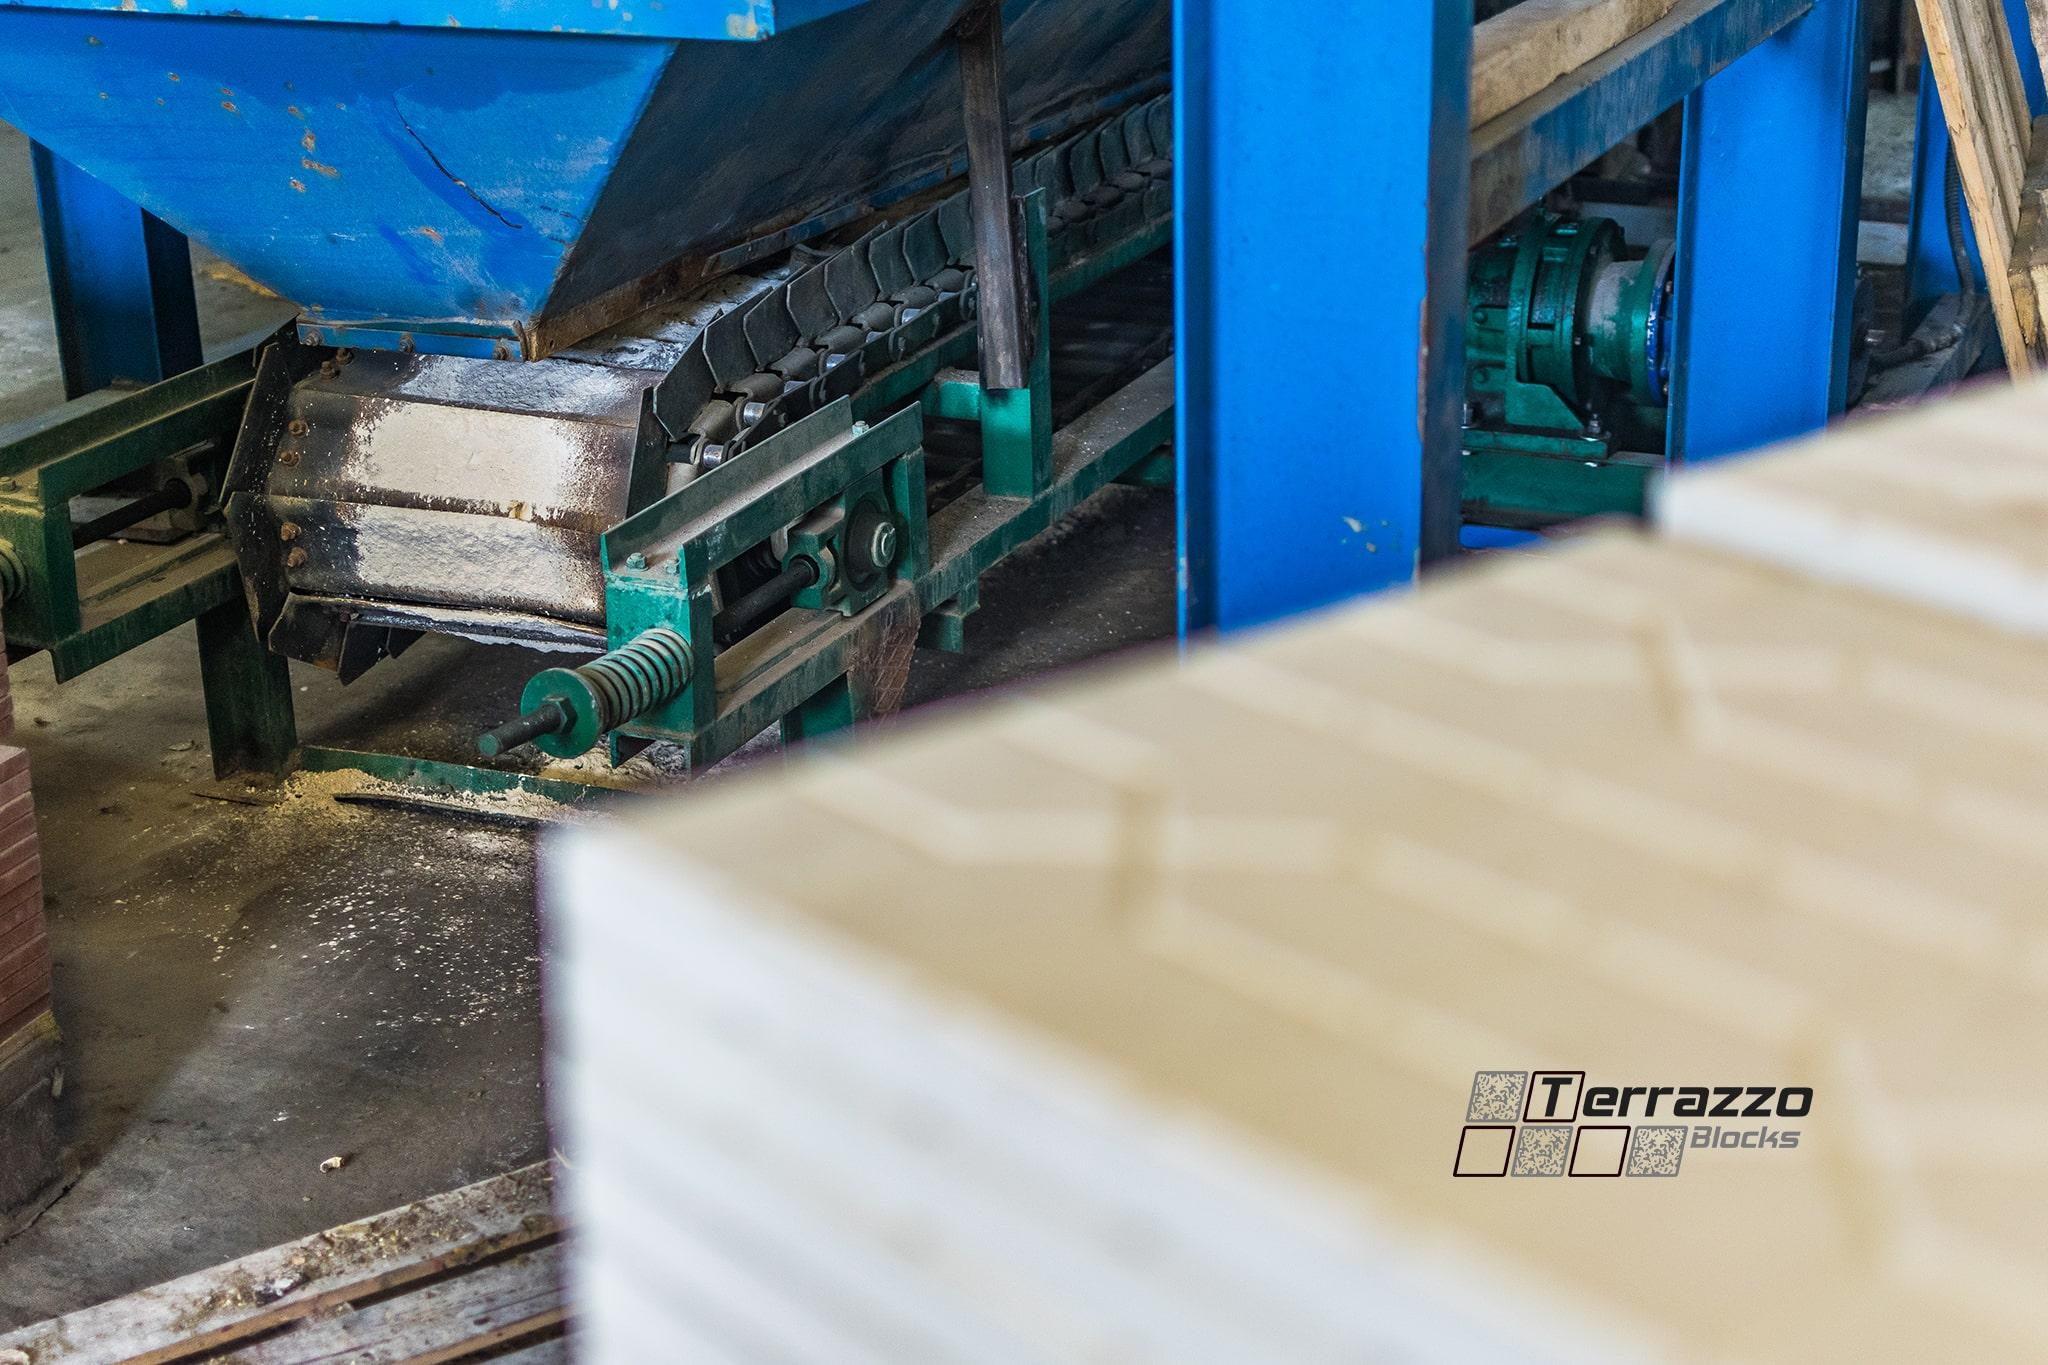 Производство плитки терраццо